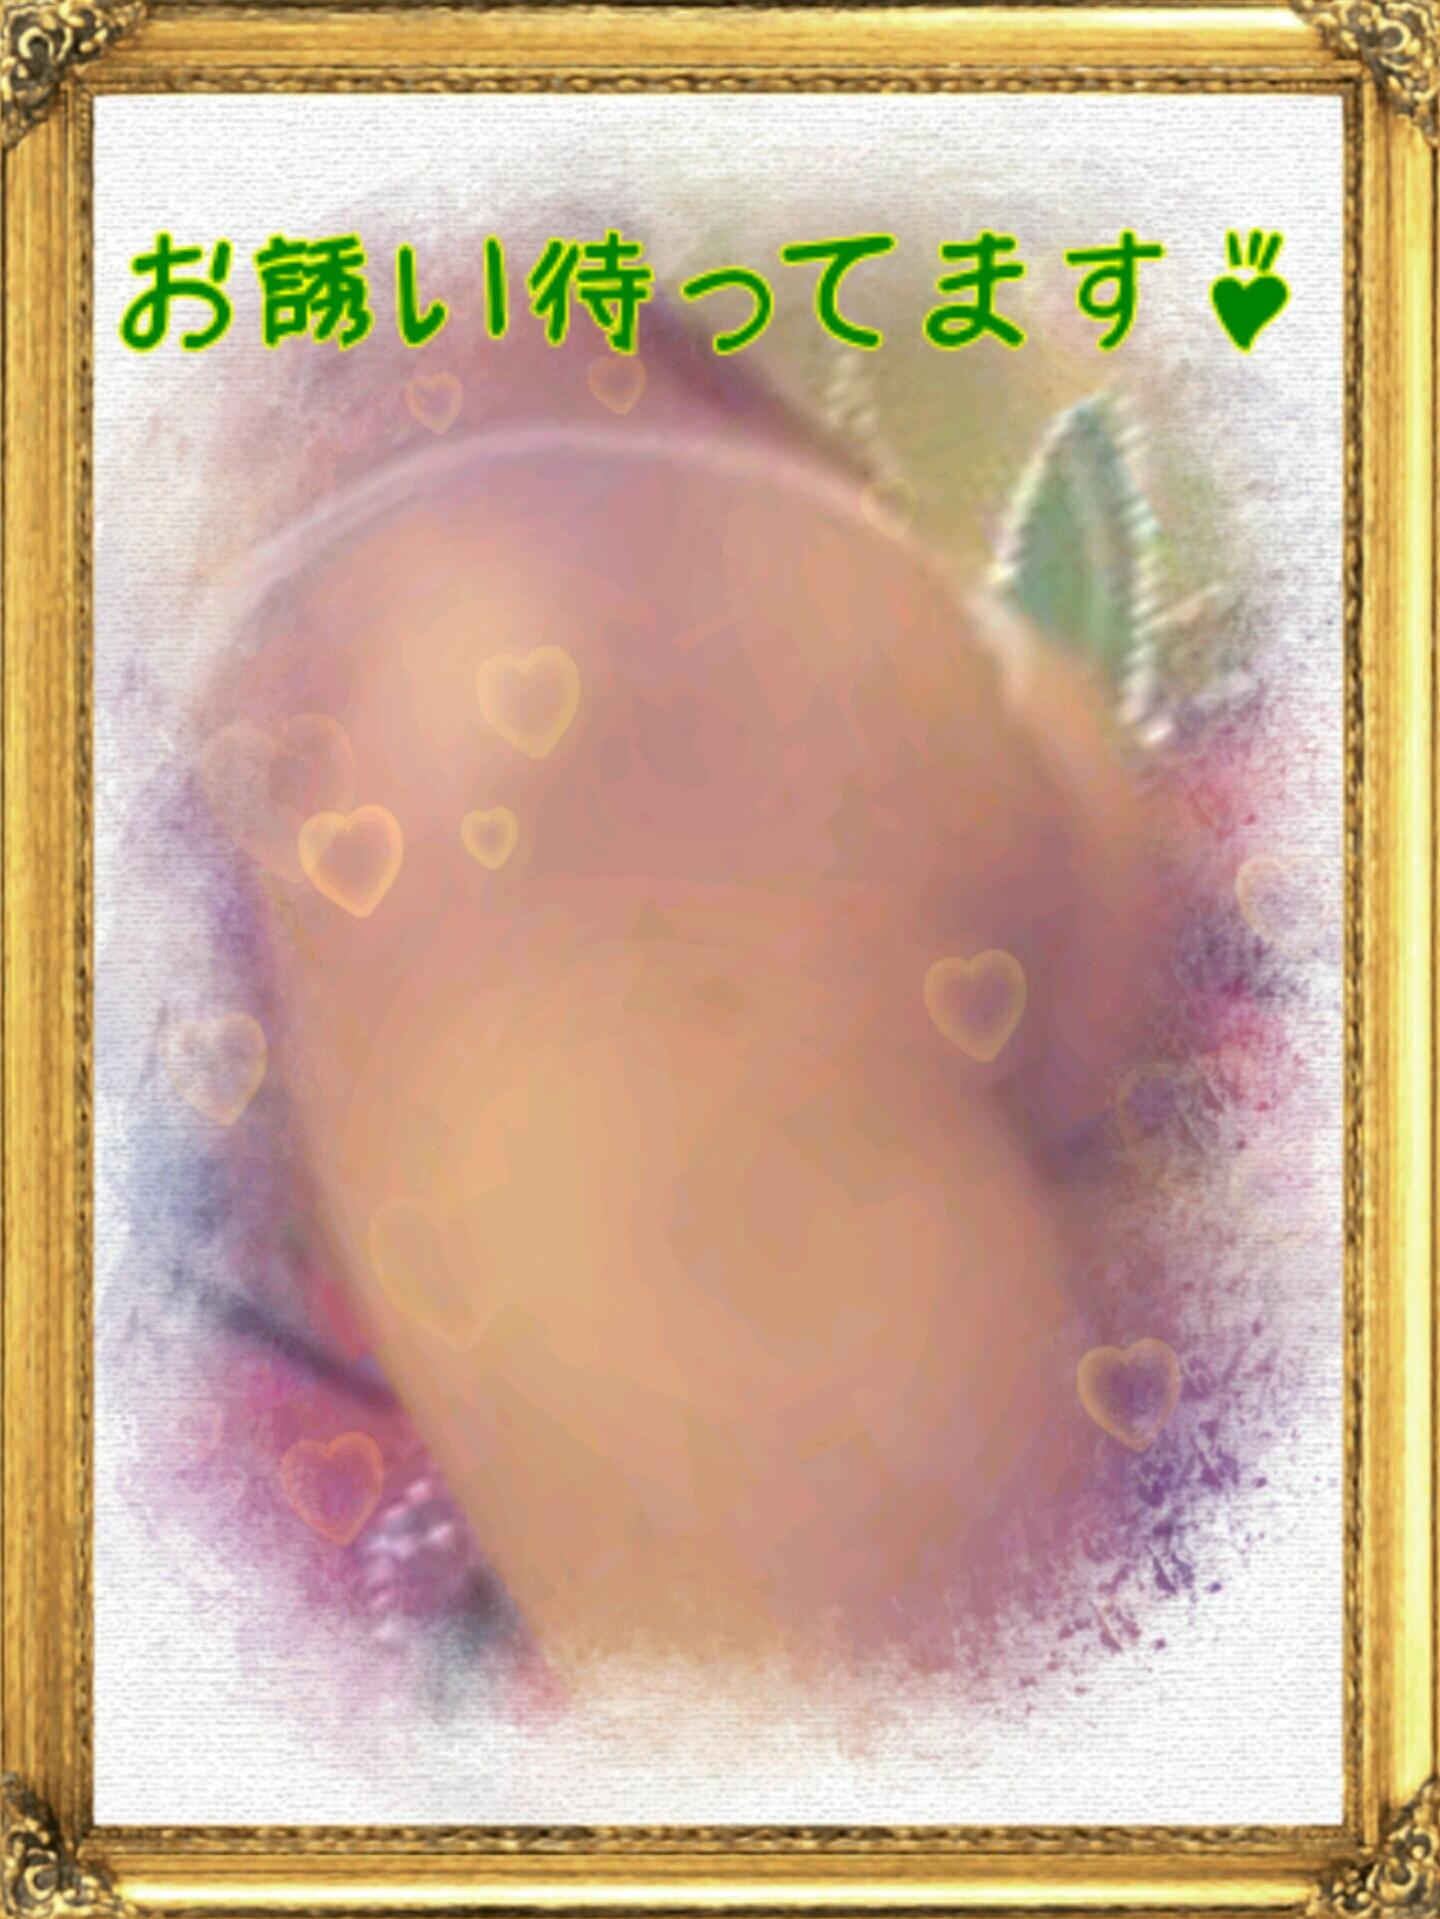 「けいこです♪」03/01(水) 12:53   けいこの写メ・風俗動画